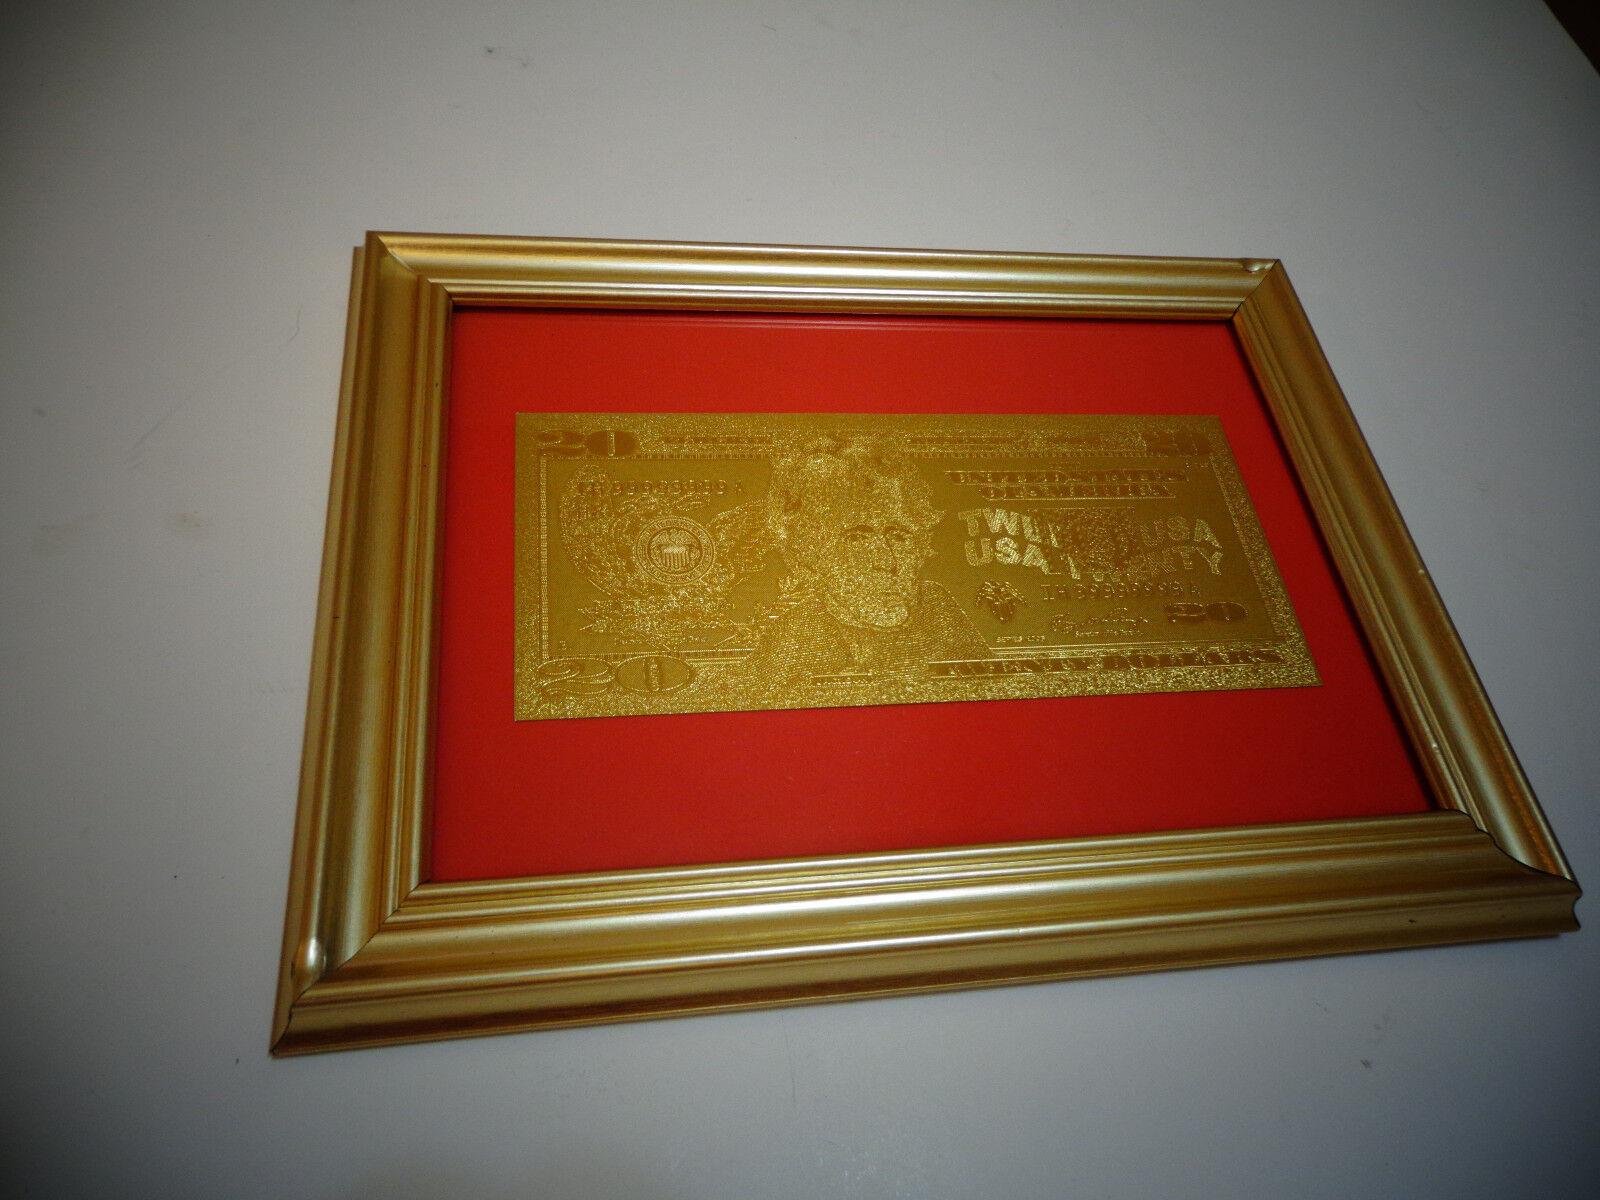 24 karat 99.9% gold usa *2009 *$20 dollar bill -framed- limited production, rare